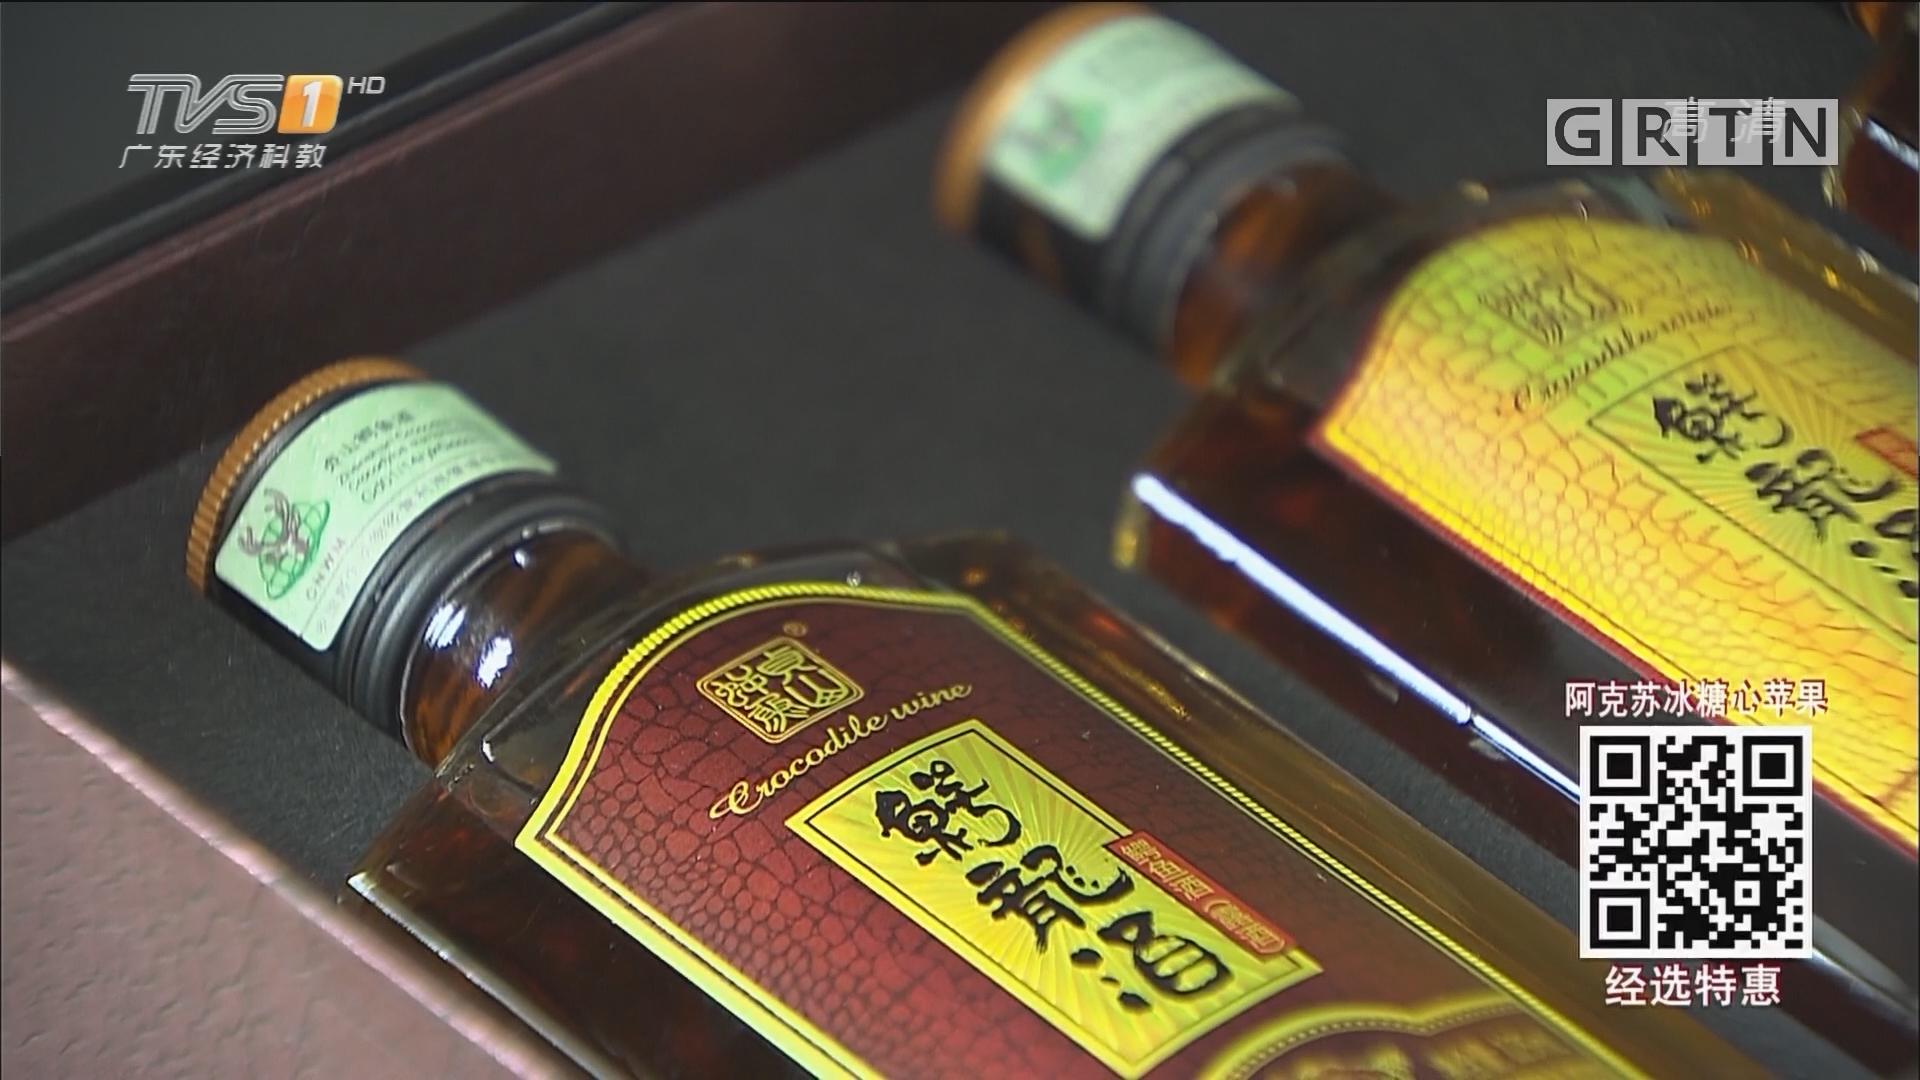 食品安全广东行系列报道 食补的艺术:一瓶鳄鱼酒的诞生(二)